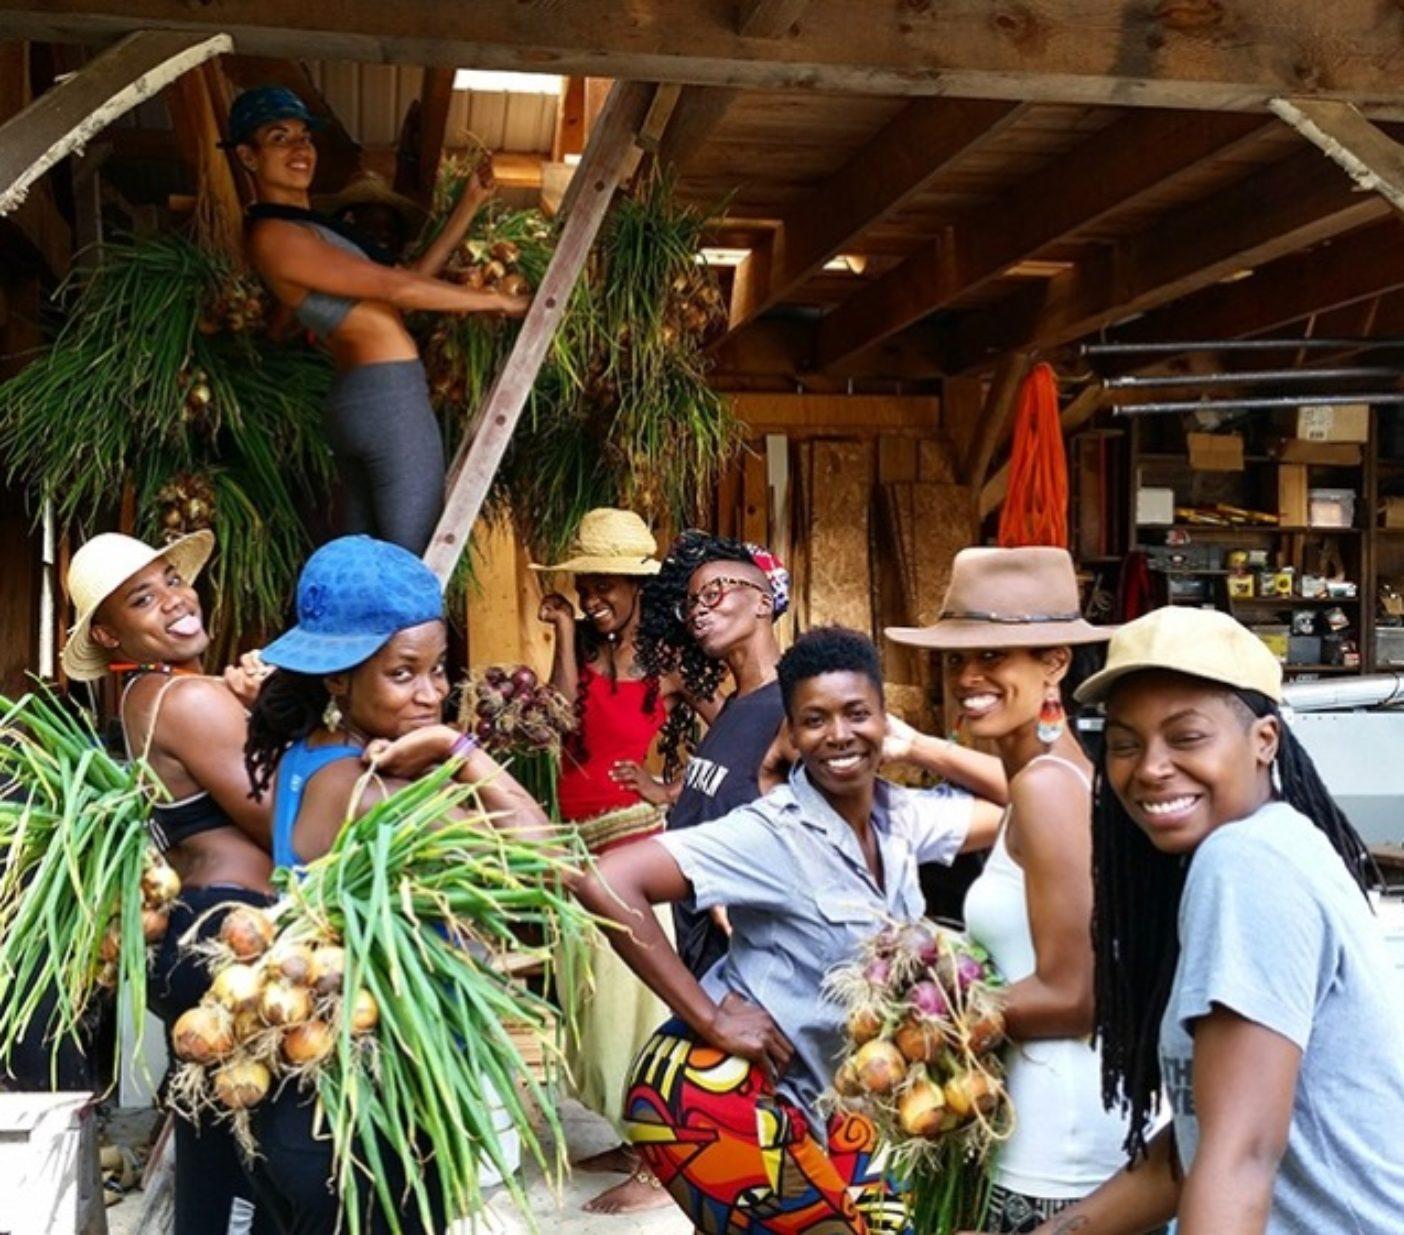 納屋で玉ねぎを吊るす「黒人・ラテン系住民農場従事者集中訓練」の参加者たち。Photo:Leah Penniman